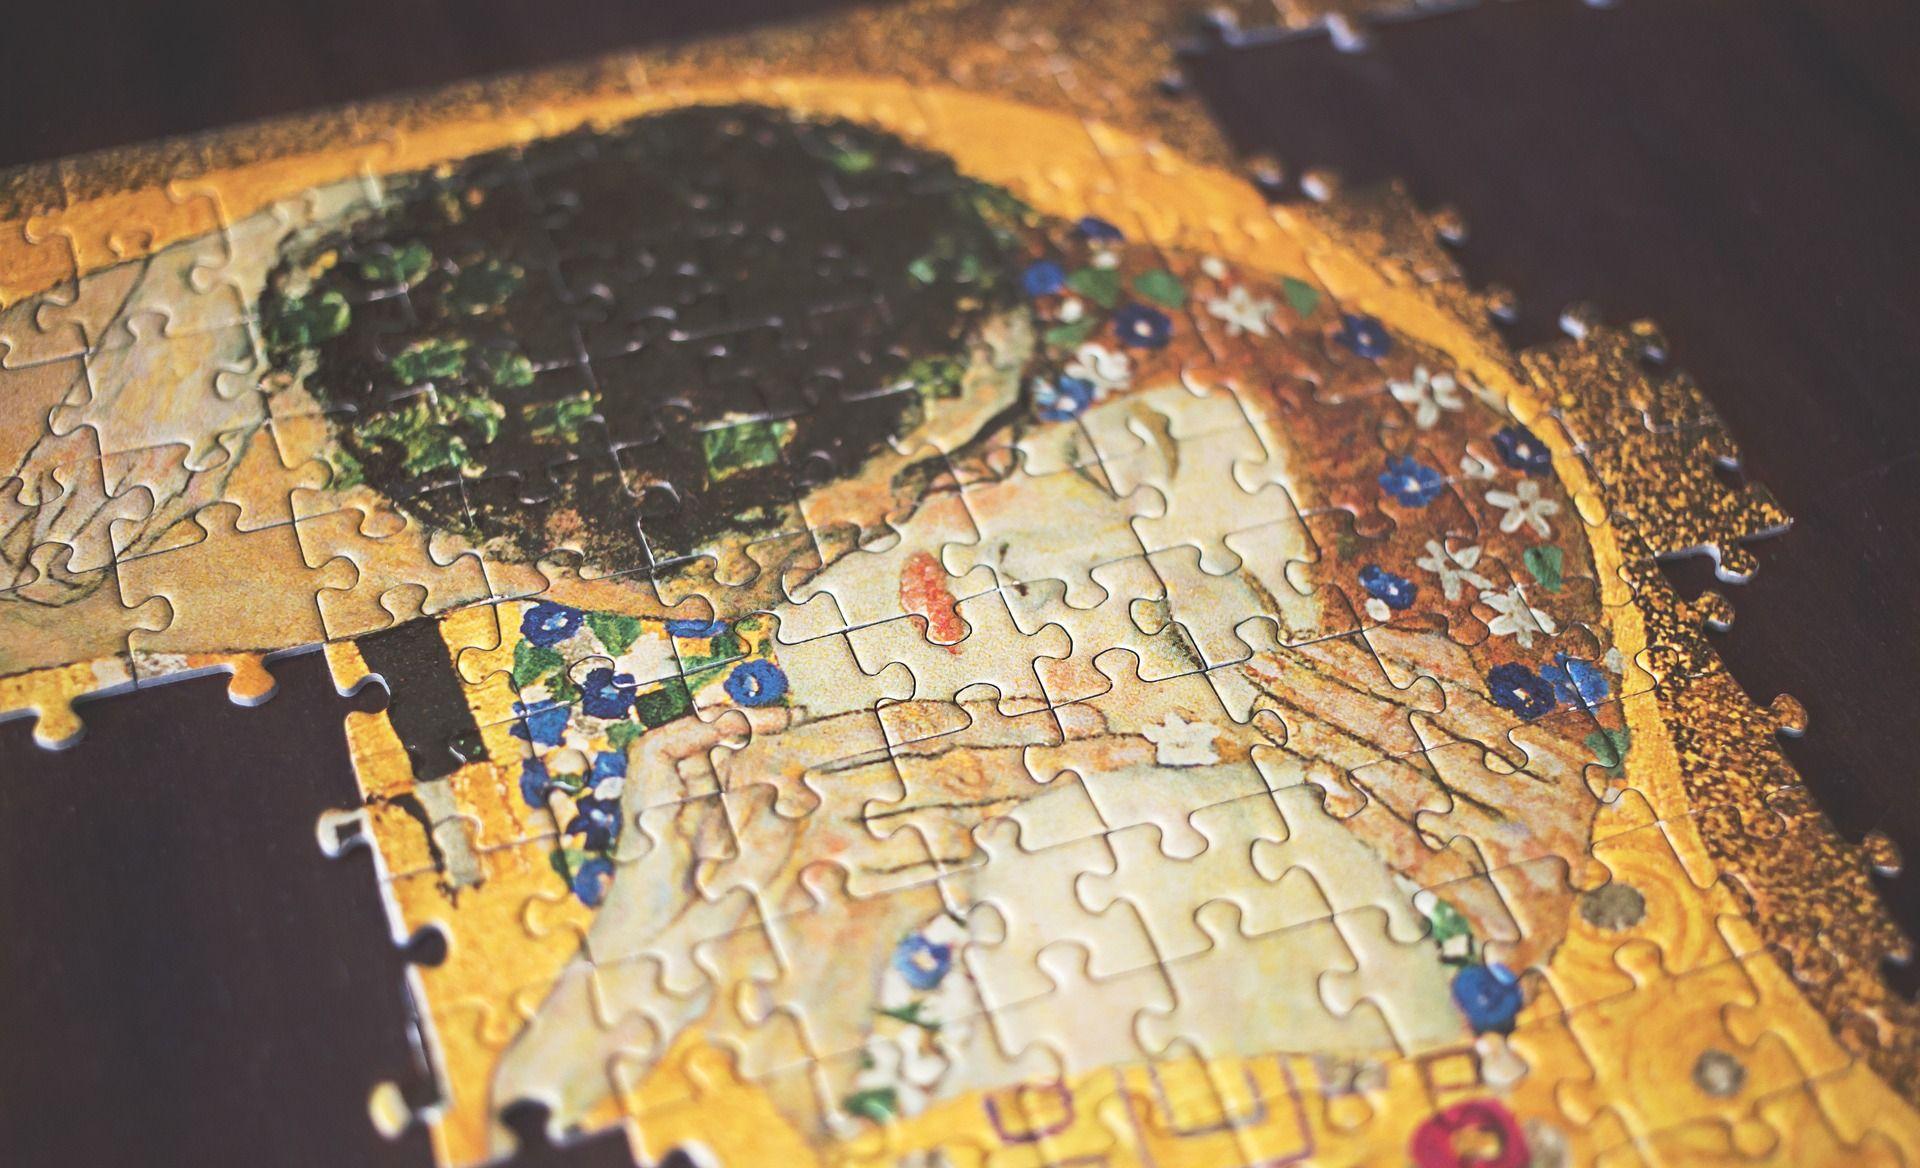 Izložba u povodu 100. obljetnice smrti Gustava Klimta u bečkom KHM-u